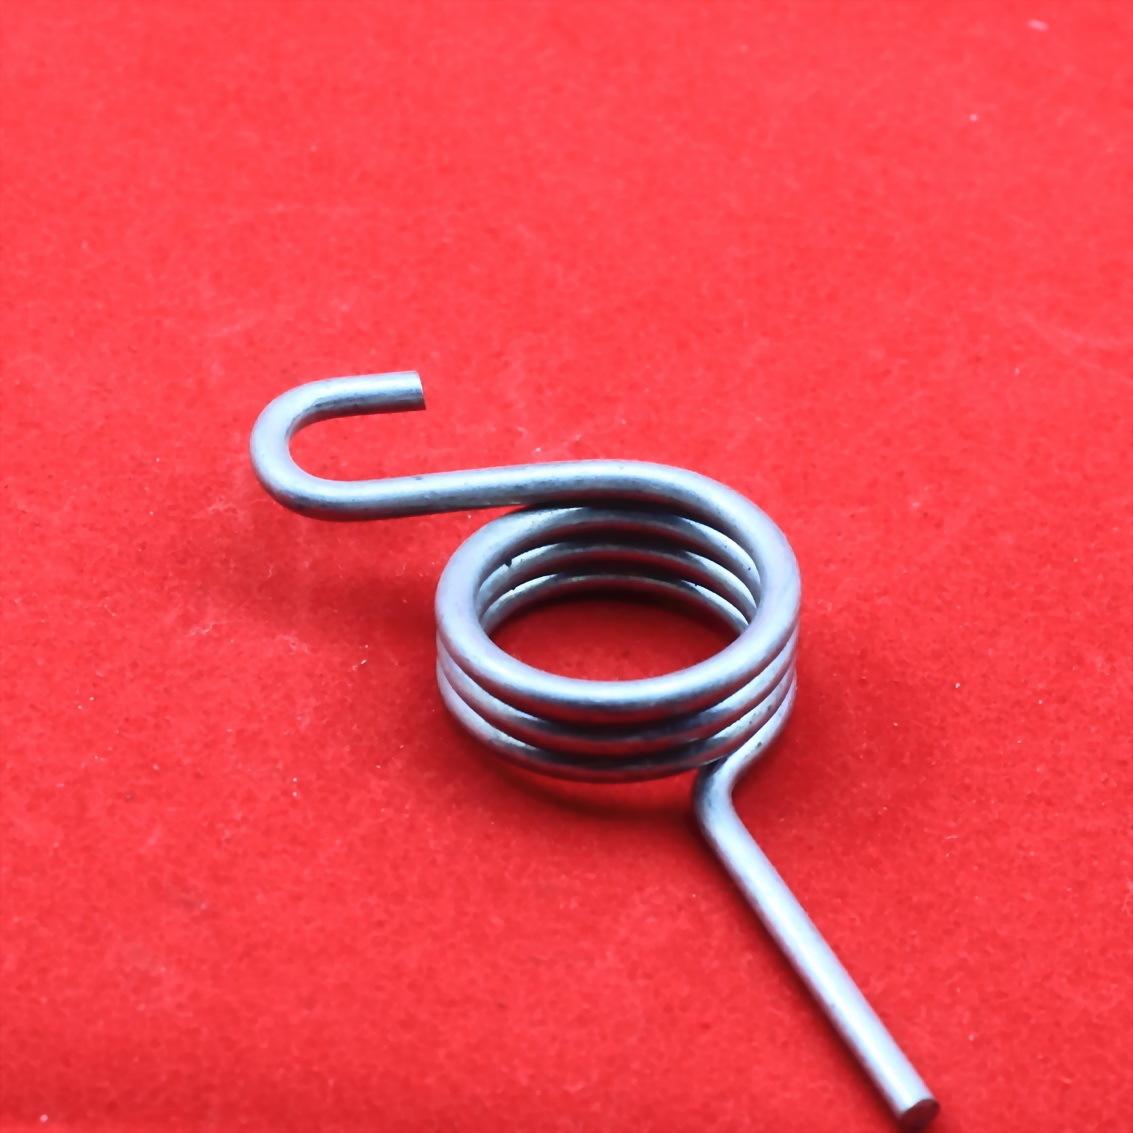 扭簧加工零件直销支持定制玩具厂家设备配件保险柜密码锁图片